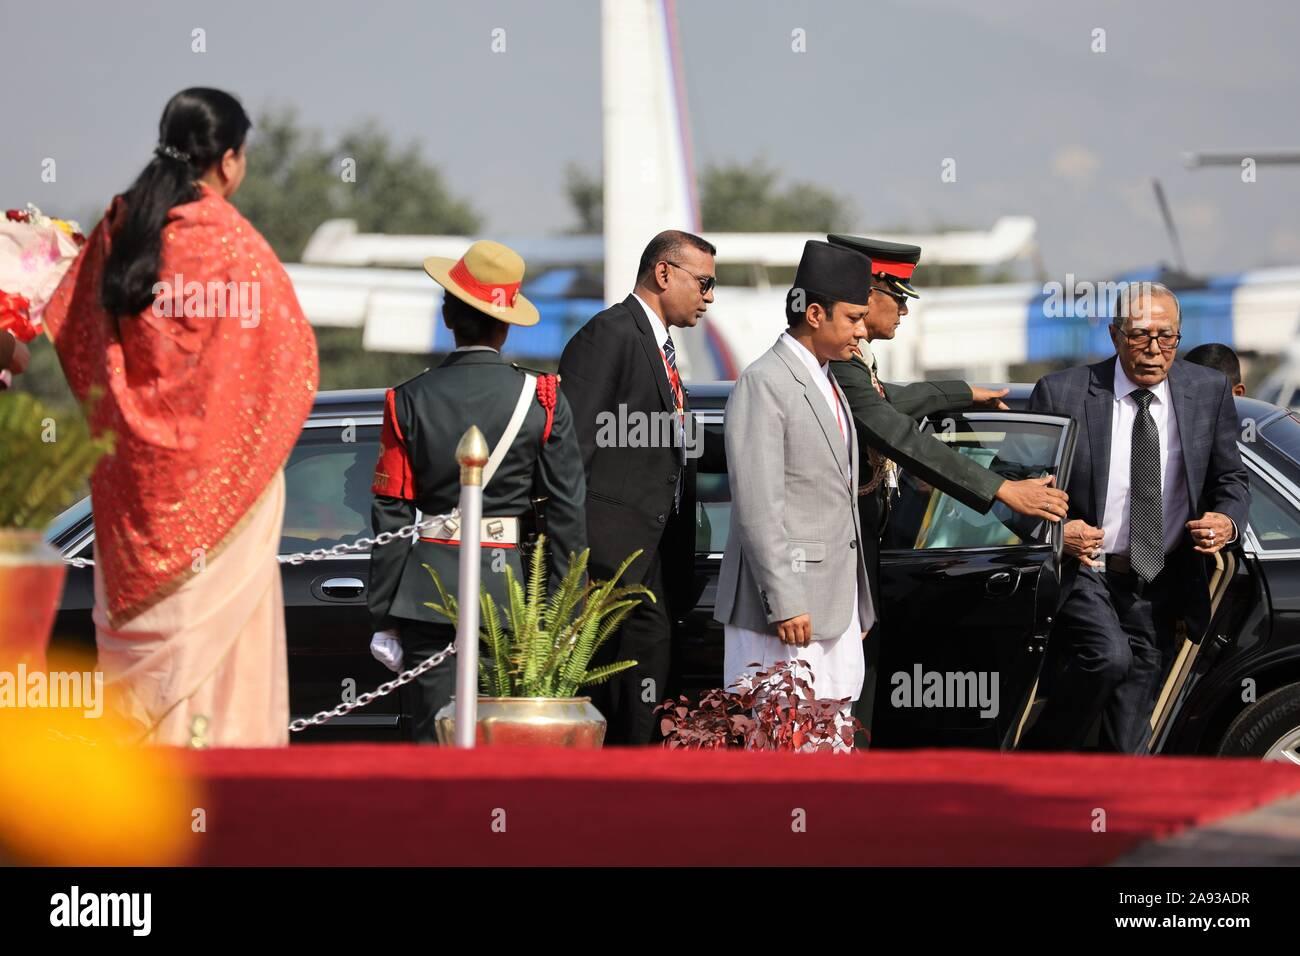 Kathmandu, Nepal. Xii Nov, 2019. Presidente del Bangladesh, Abdul Hamid arrivano presso l'aeroporto internazionale di Tribhuvan, Kathmandu, Nepal Martedì, Novembre 12, 2019. Presidente del Bangladesh, Abdul Hamid è su una quattro giorni di buona volontà ufficiale visita in Nepal, su invito del presidente del Nepal Bidhya Devi Bhandari. (Foto di Subash Shrestha che/Pacific Stampa) Credito: Pacific Press Agency/Alamy Live News Foto Stock